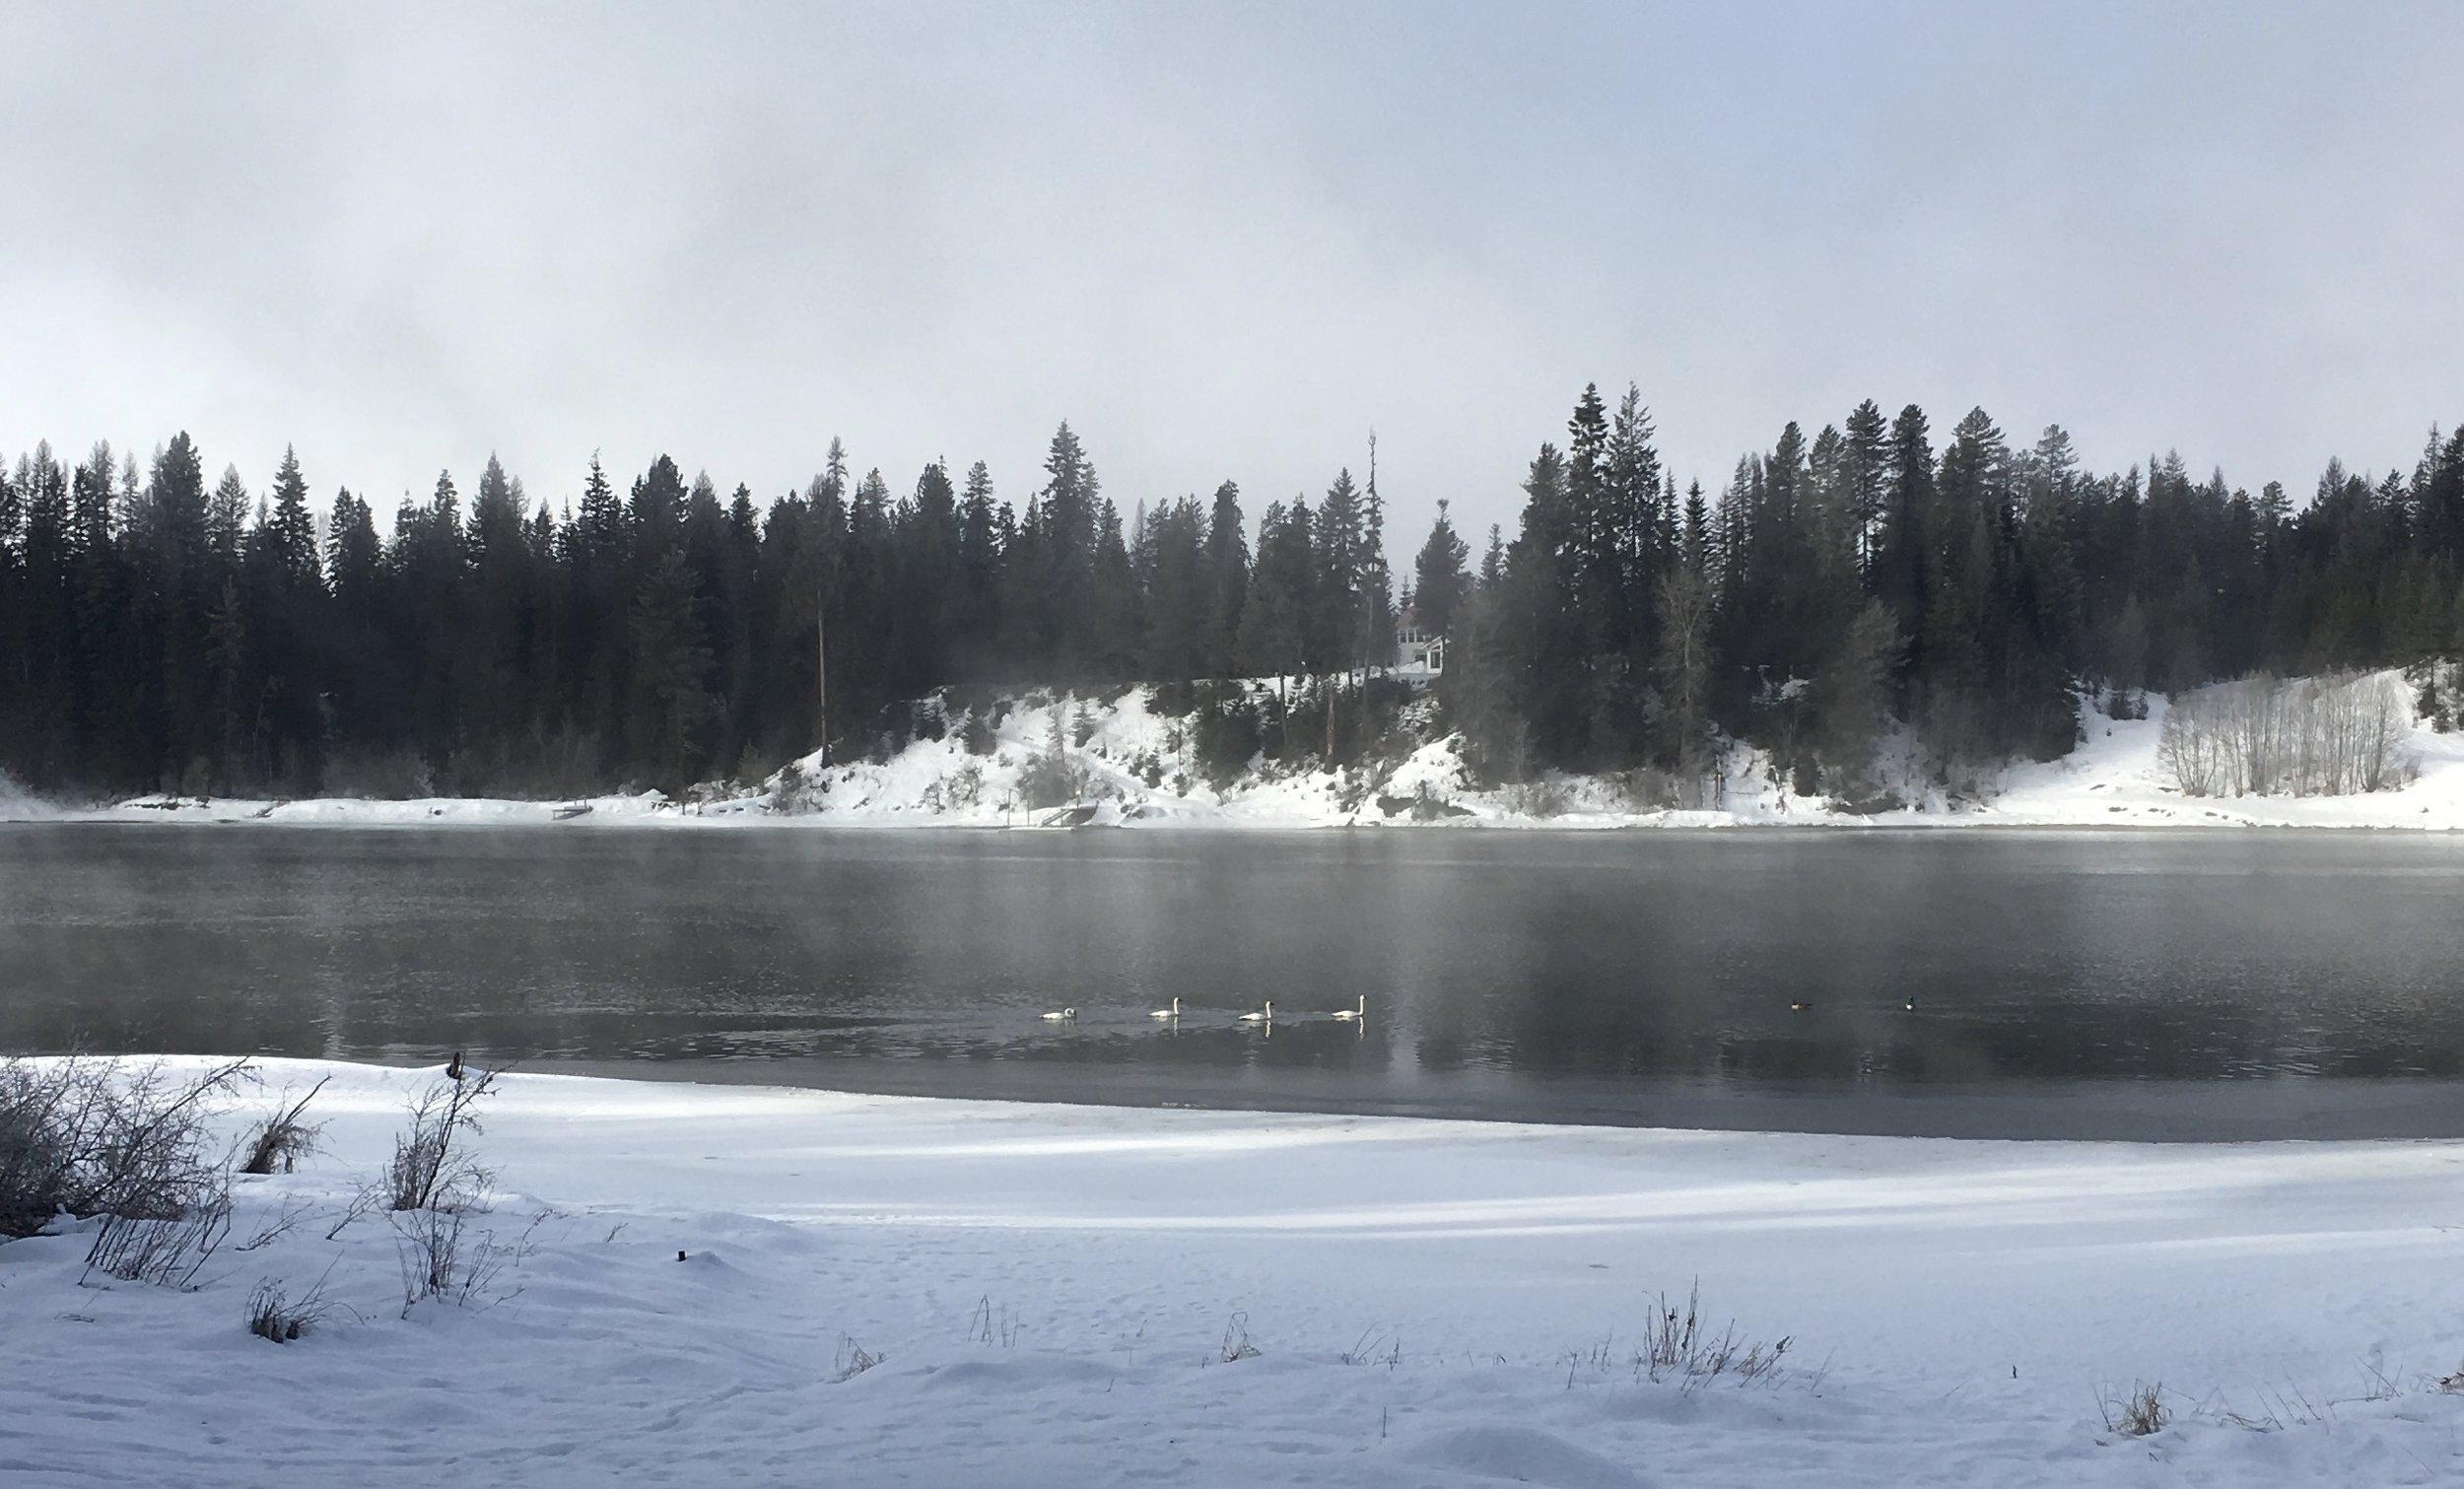 Tundra swans.